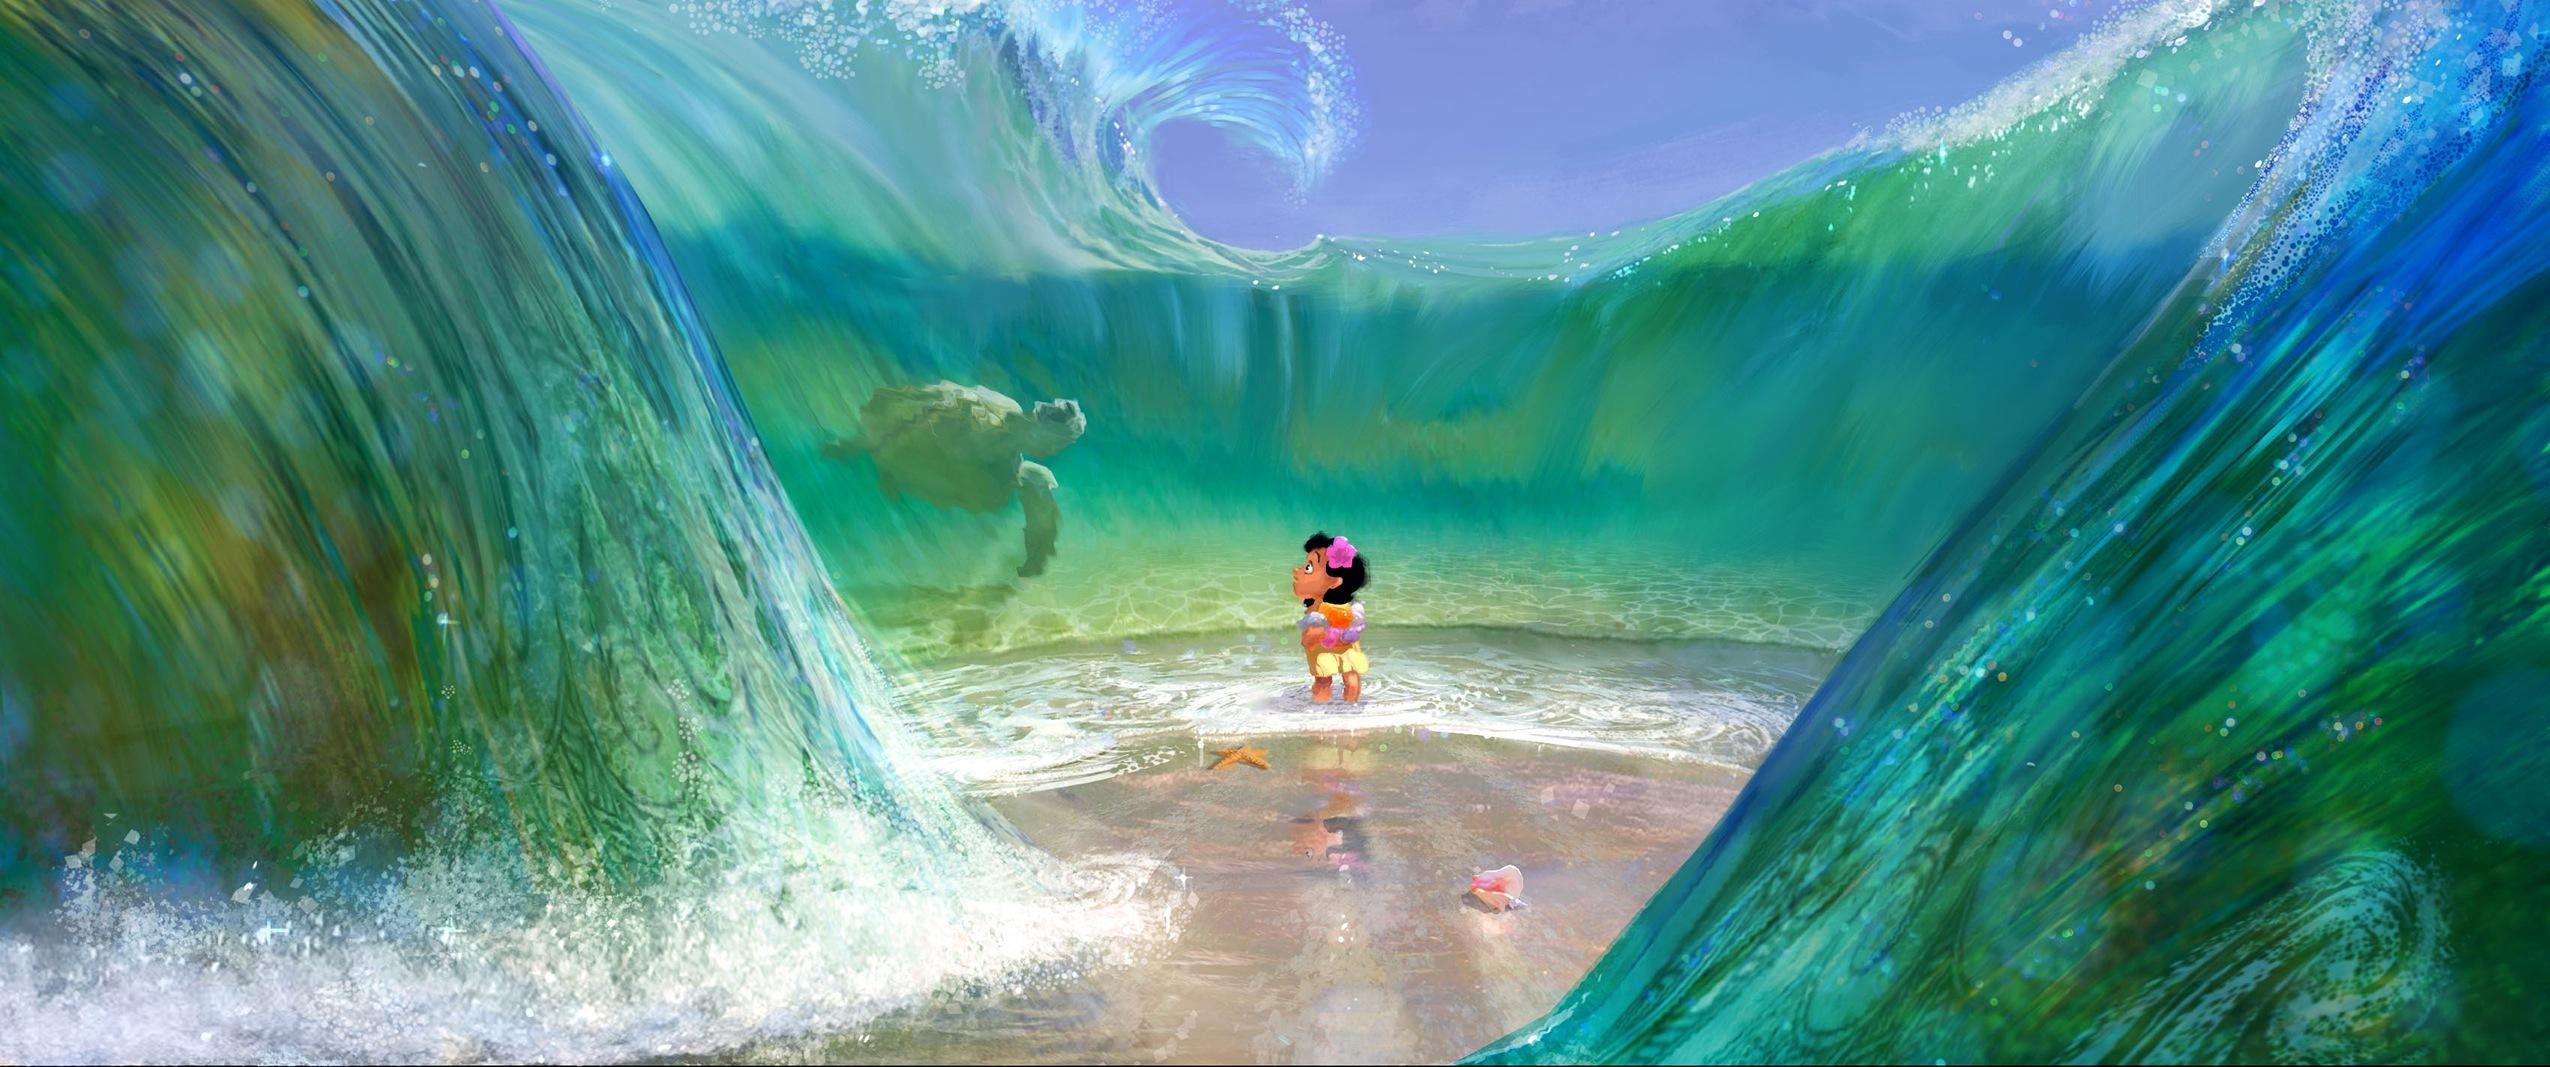 《モアナと伝説の海》より 2016年 (C)Disney Enterprises, Inc.